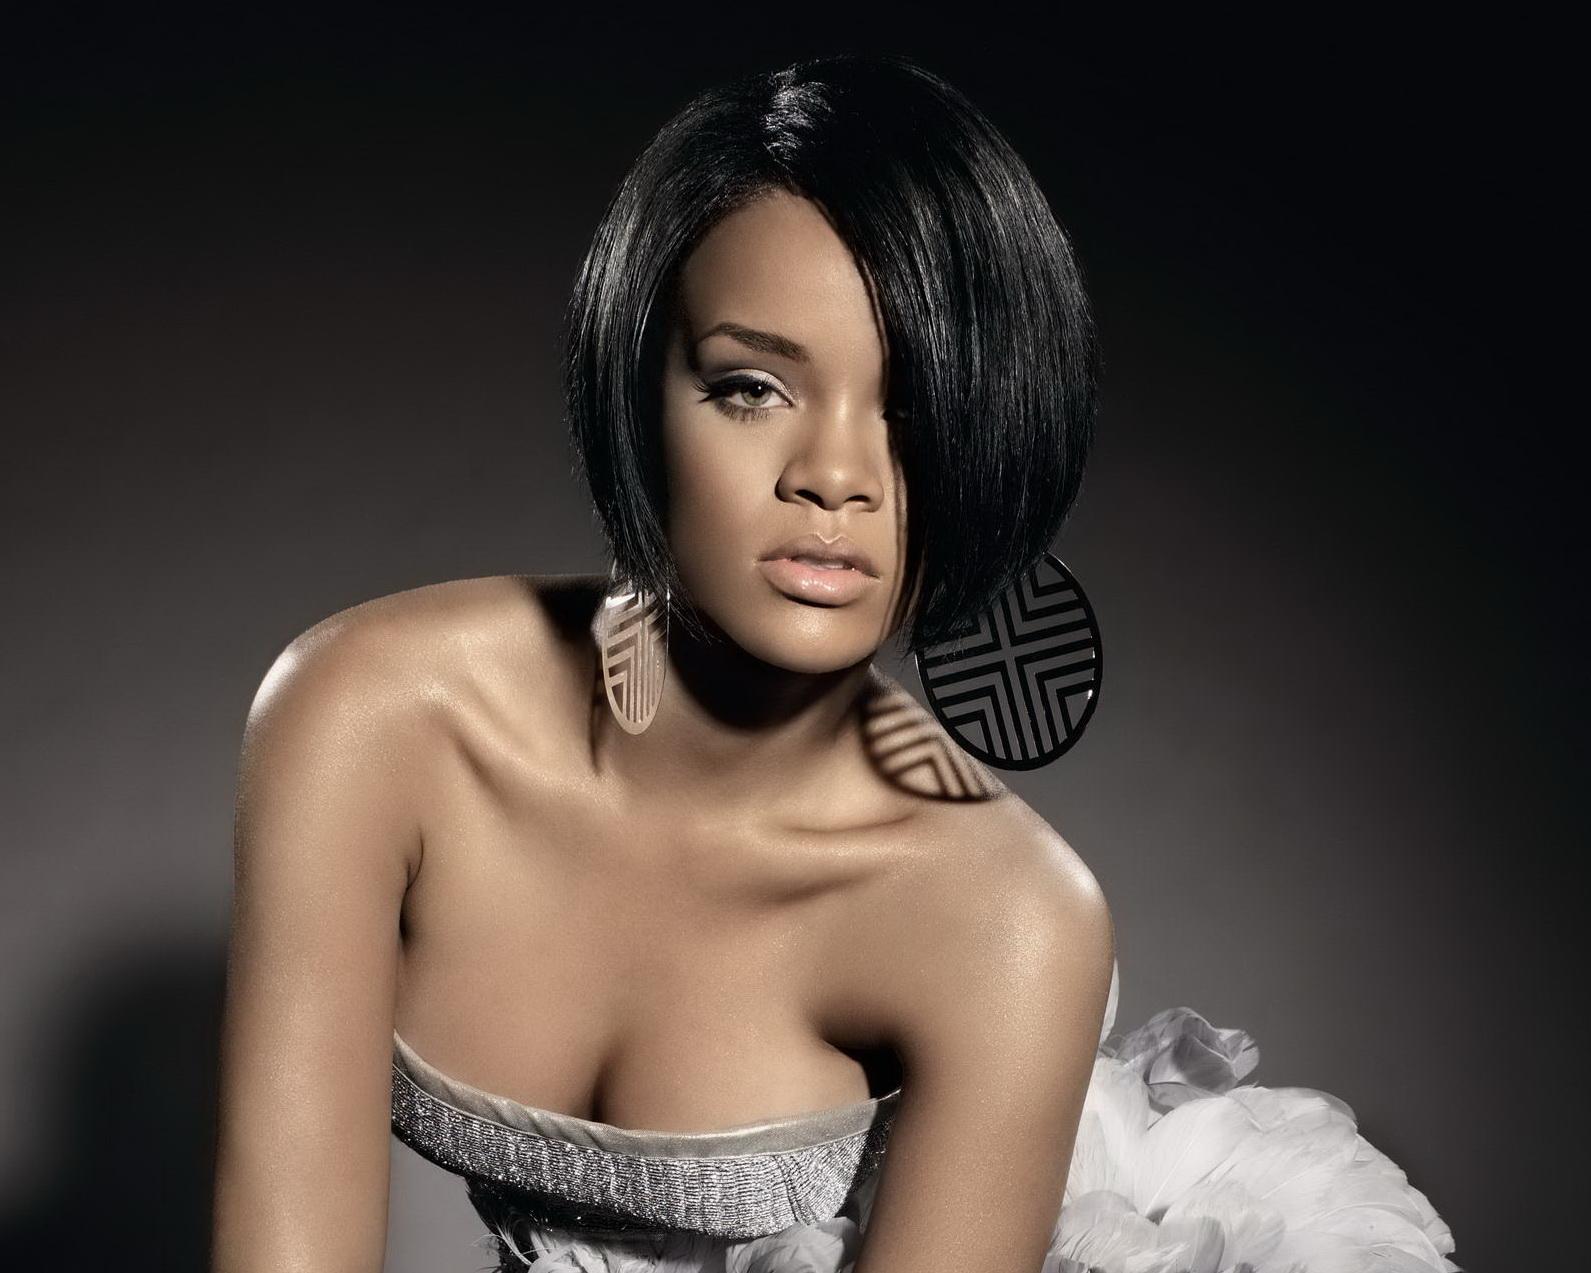 http://4.bp.blogspot.com/-Aal6J-AF4Mo/T4_rayjoacI/AAAAAAAAEQI/2mMY5ySjDmk/s1600/c063c_rihanna-hair-400a060707+%25281%2529.jpg